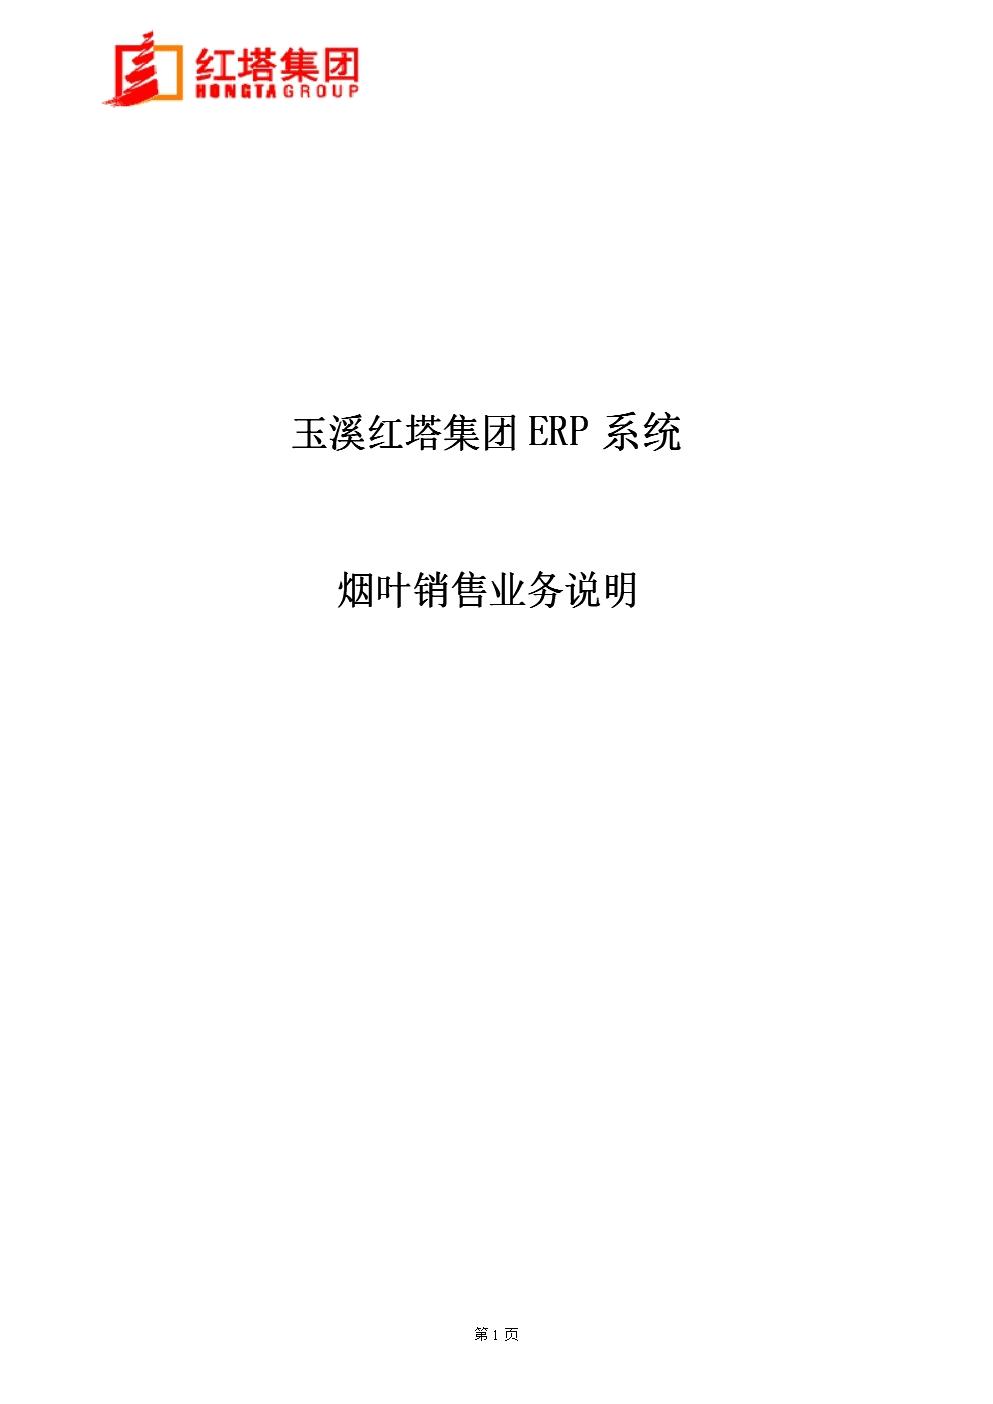 玉溪红塔集团ERP系统.docx